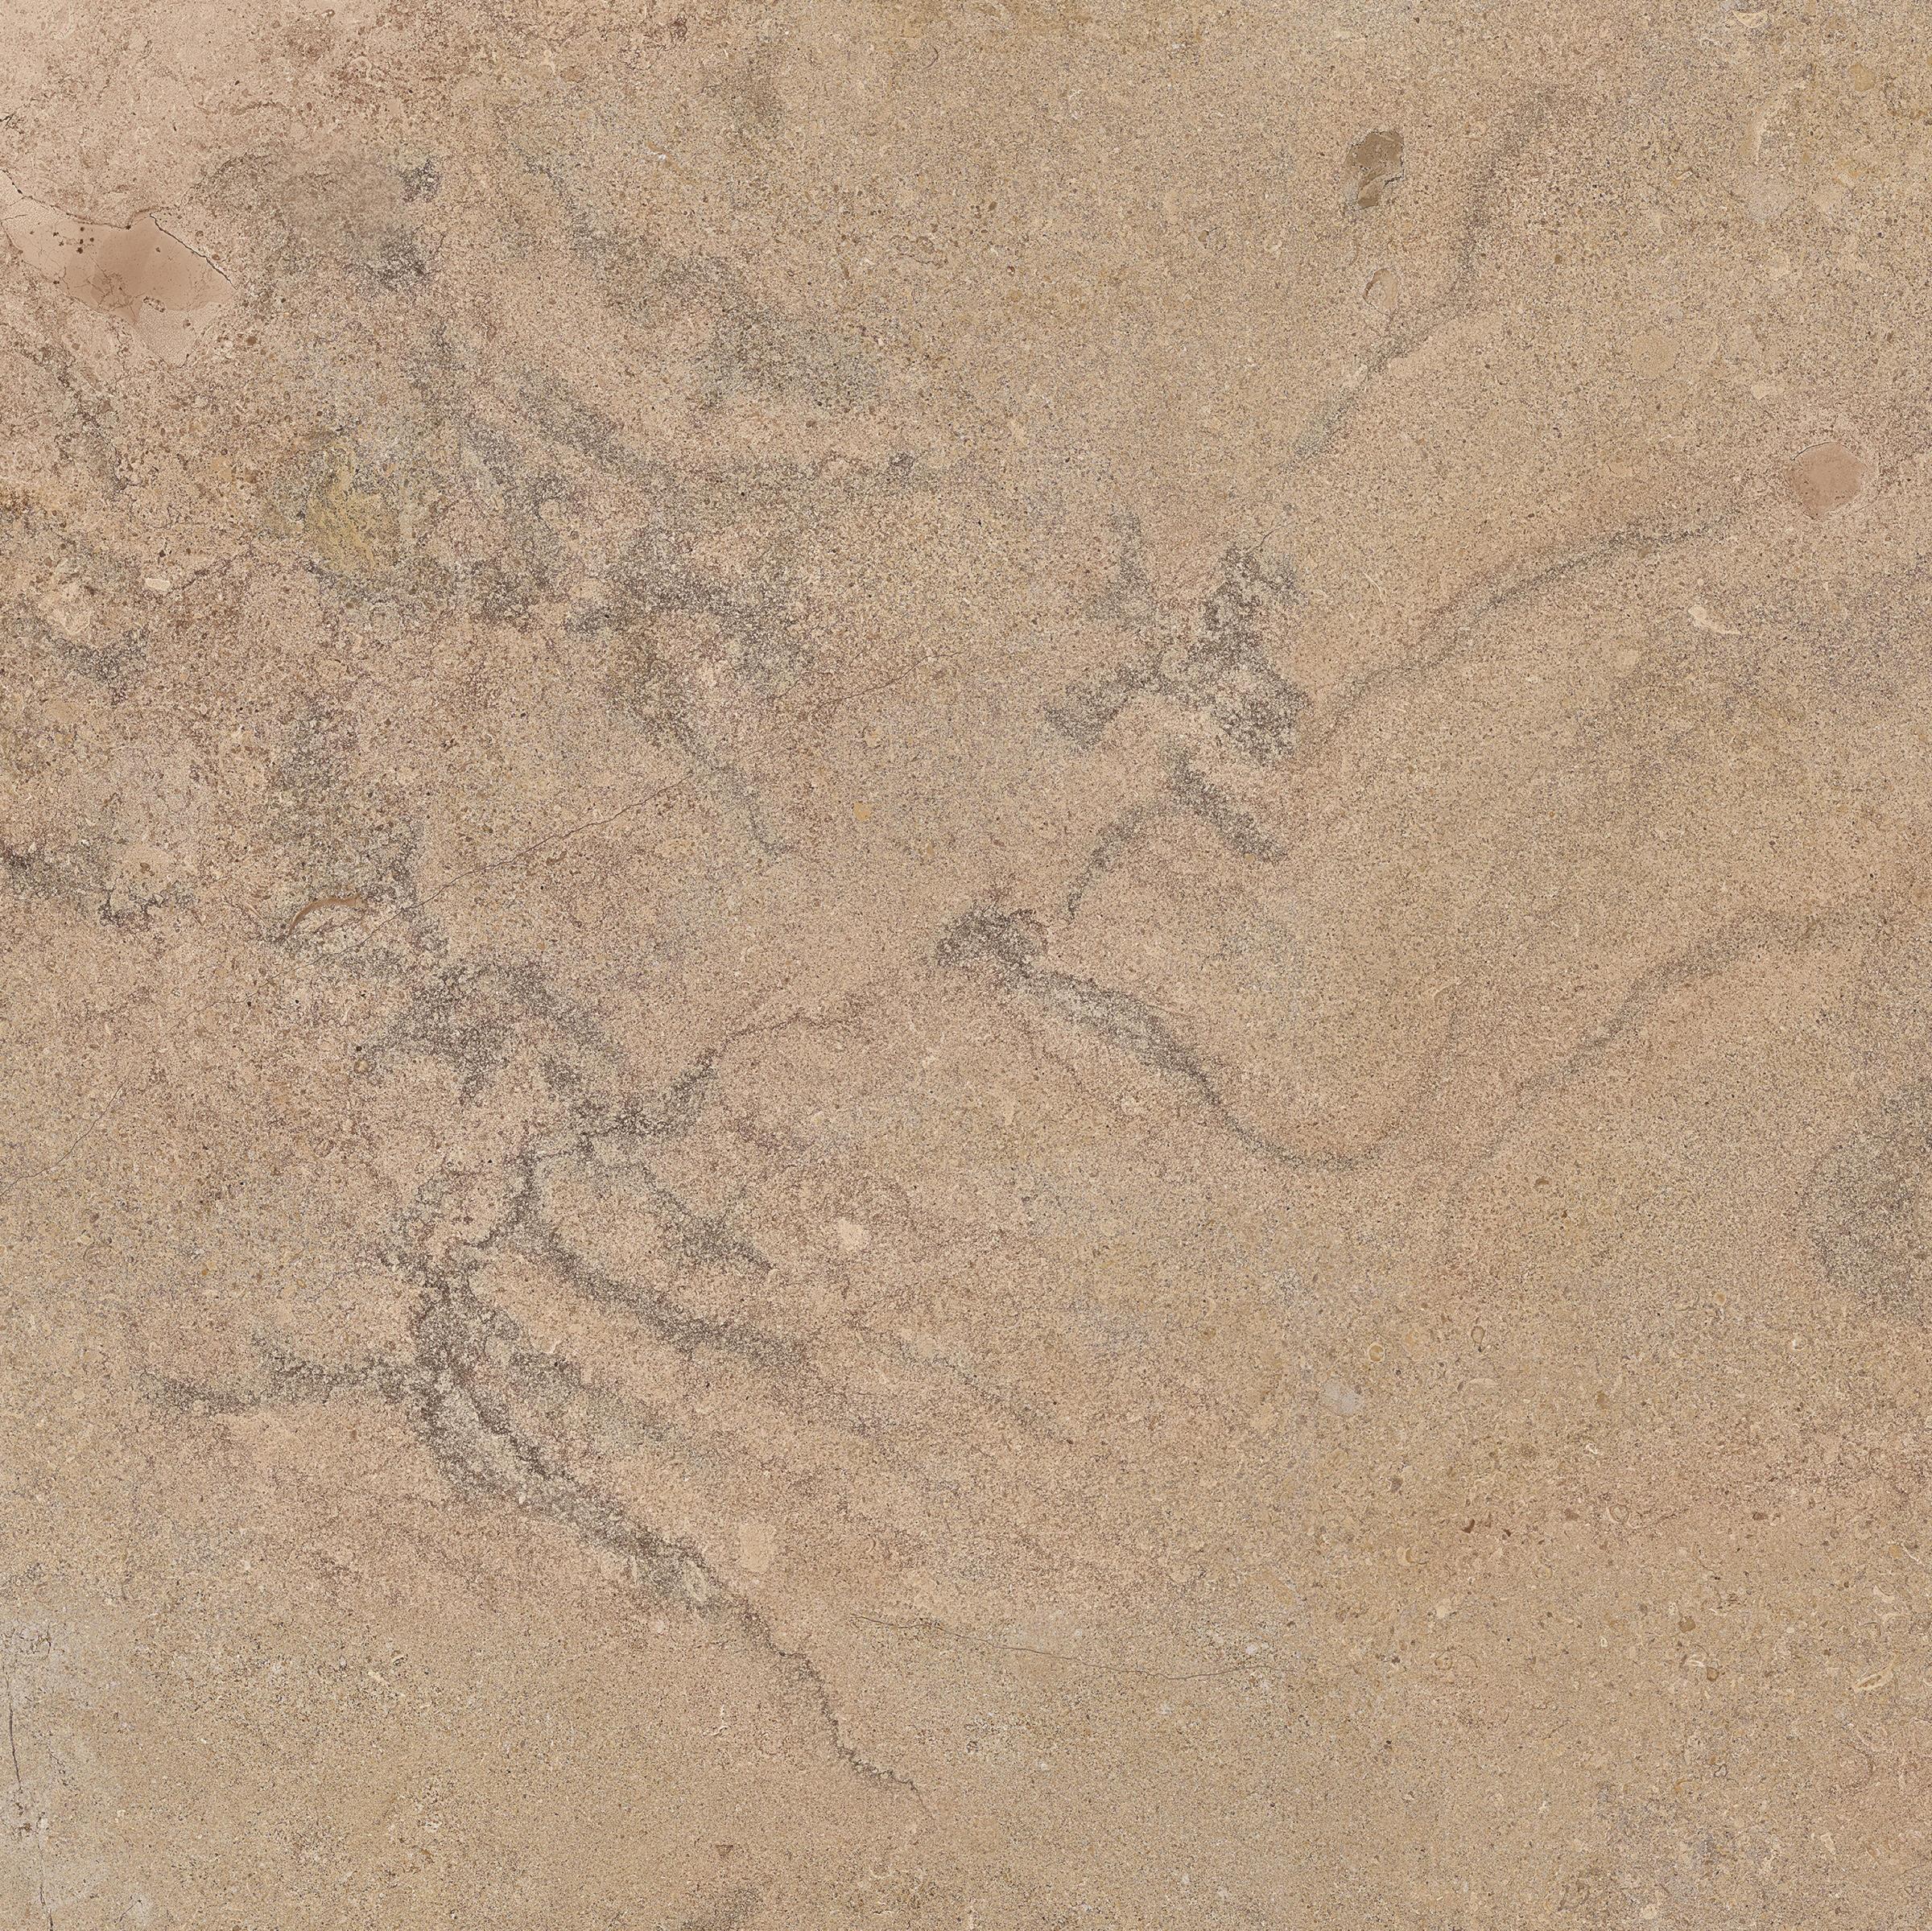 chalon beige von casalgrande padana bodenfliesen - Beige Bodenfliesen